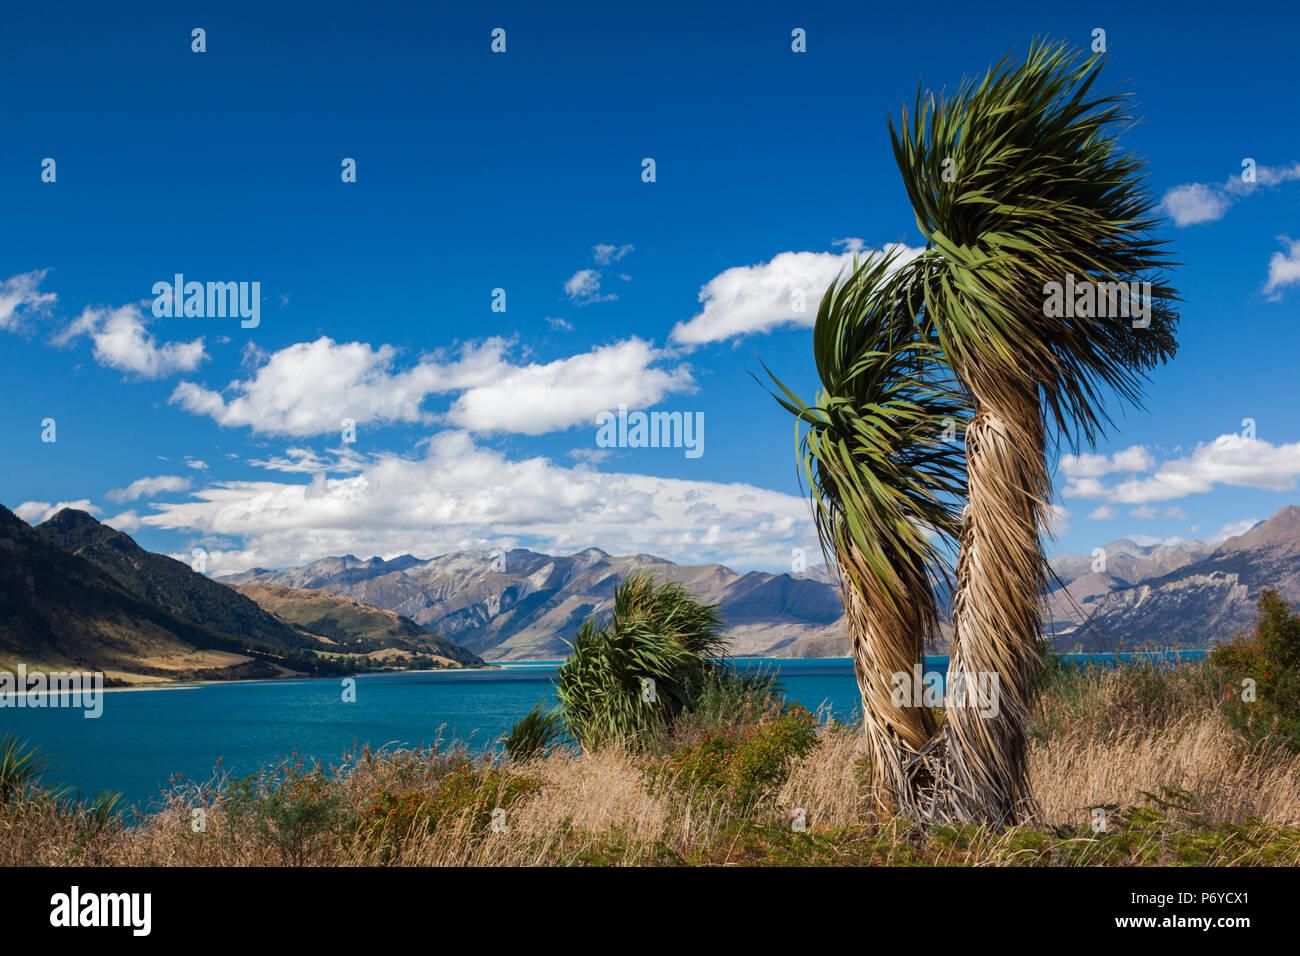 Nueva zelanda otago, Isla del Sur, la zona, Wanaka, Lago Hawea Imagen De Stock